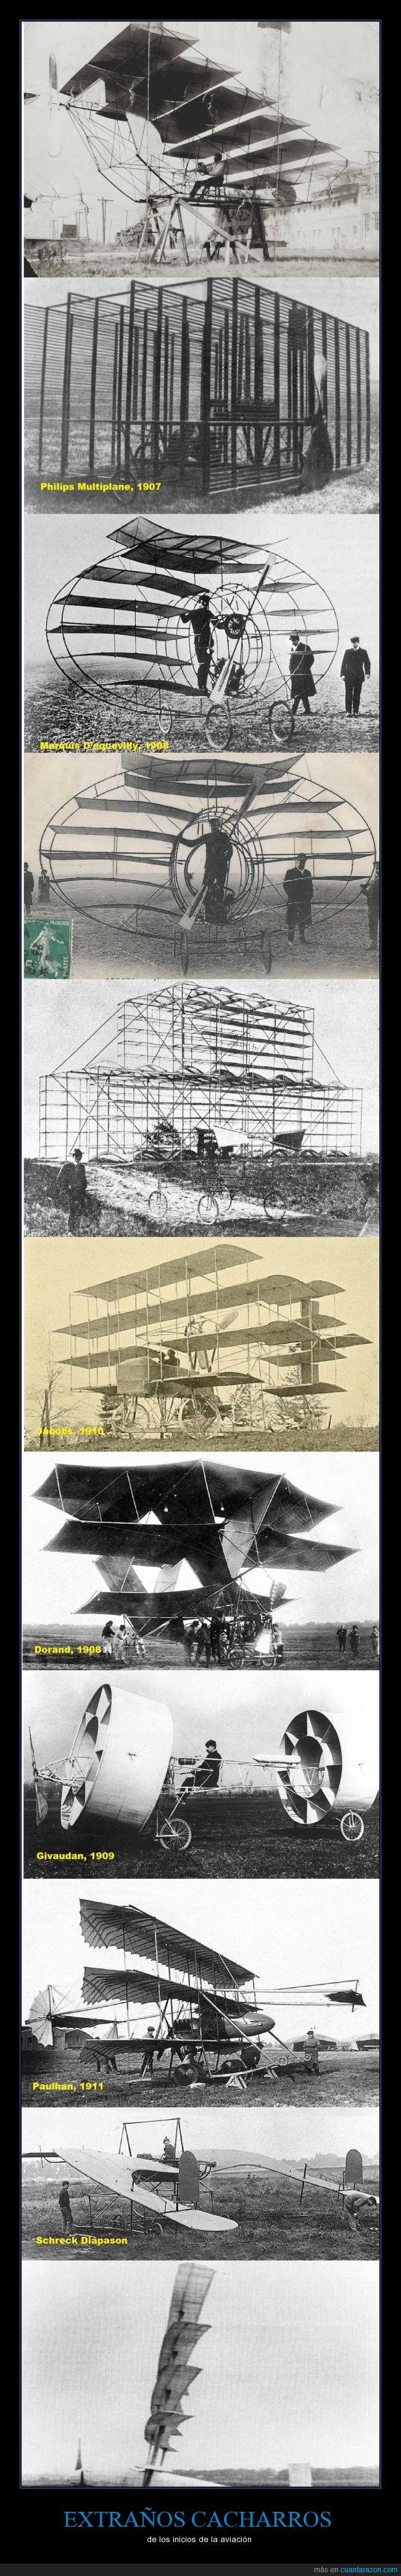 aviación,aviones,cacharro,intento,se estrellaban todos,vintage,volar